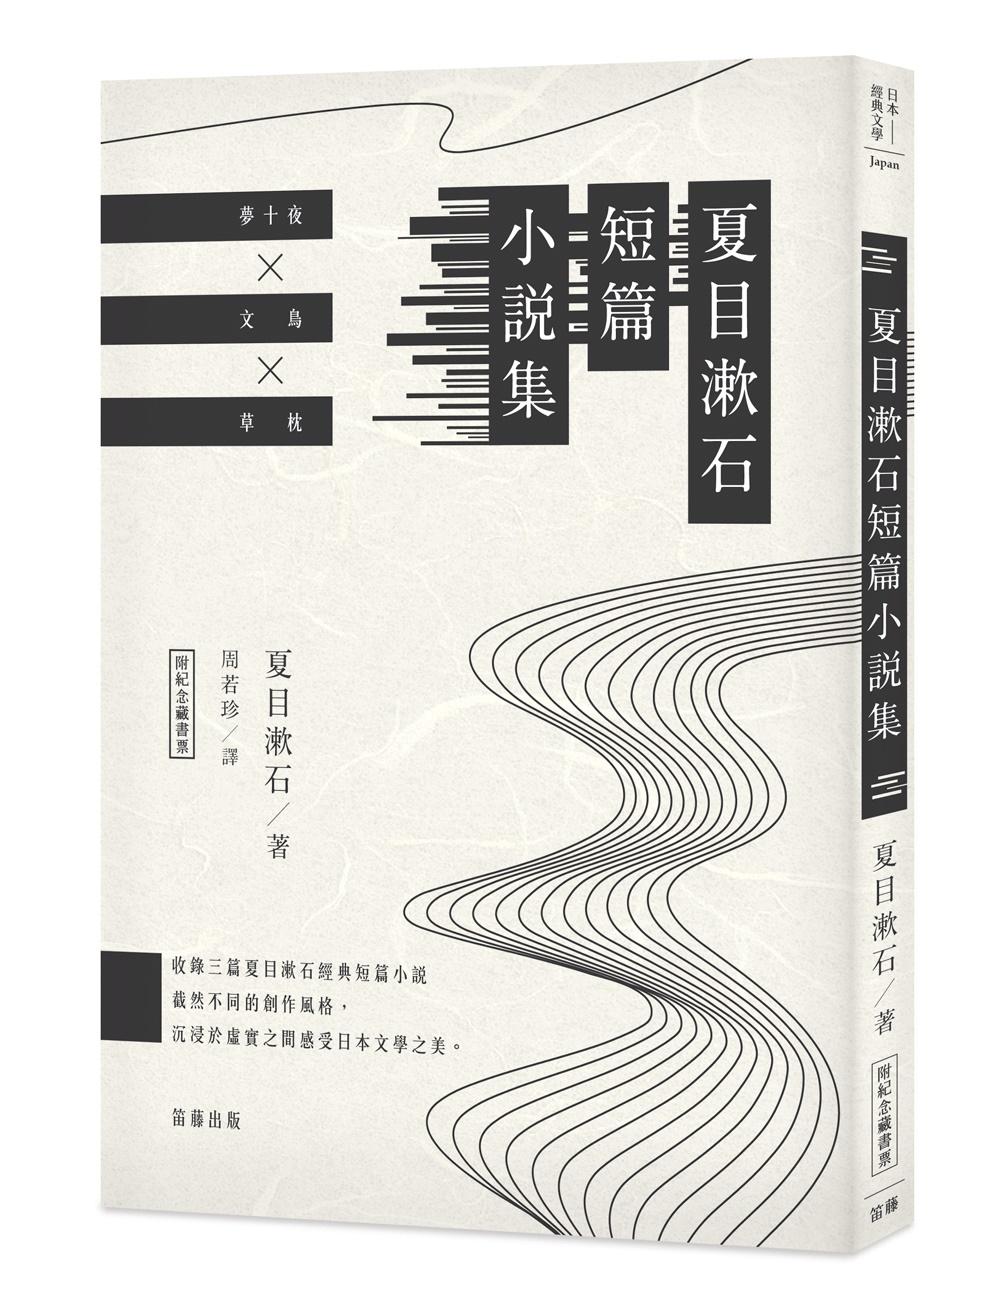 日本經典文學:夏目漱石短篇小說集 (附紀念藏書票)